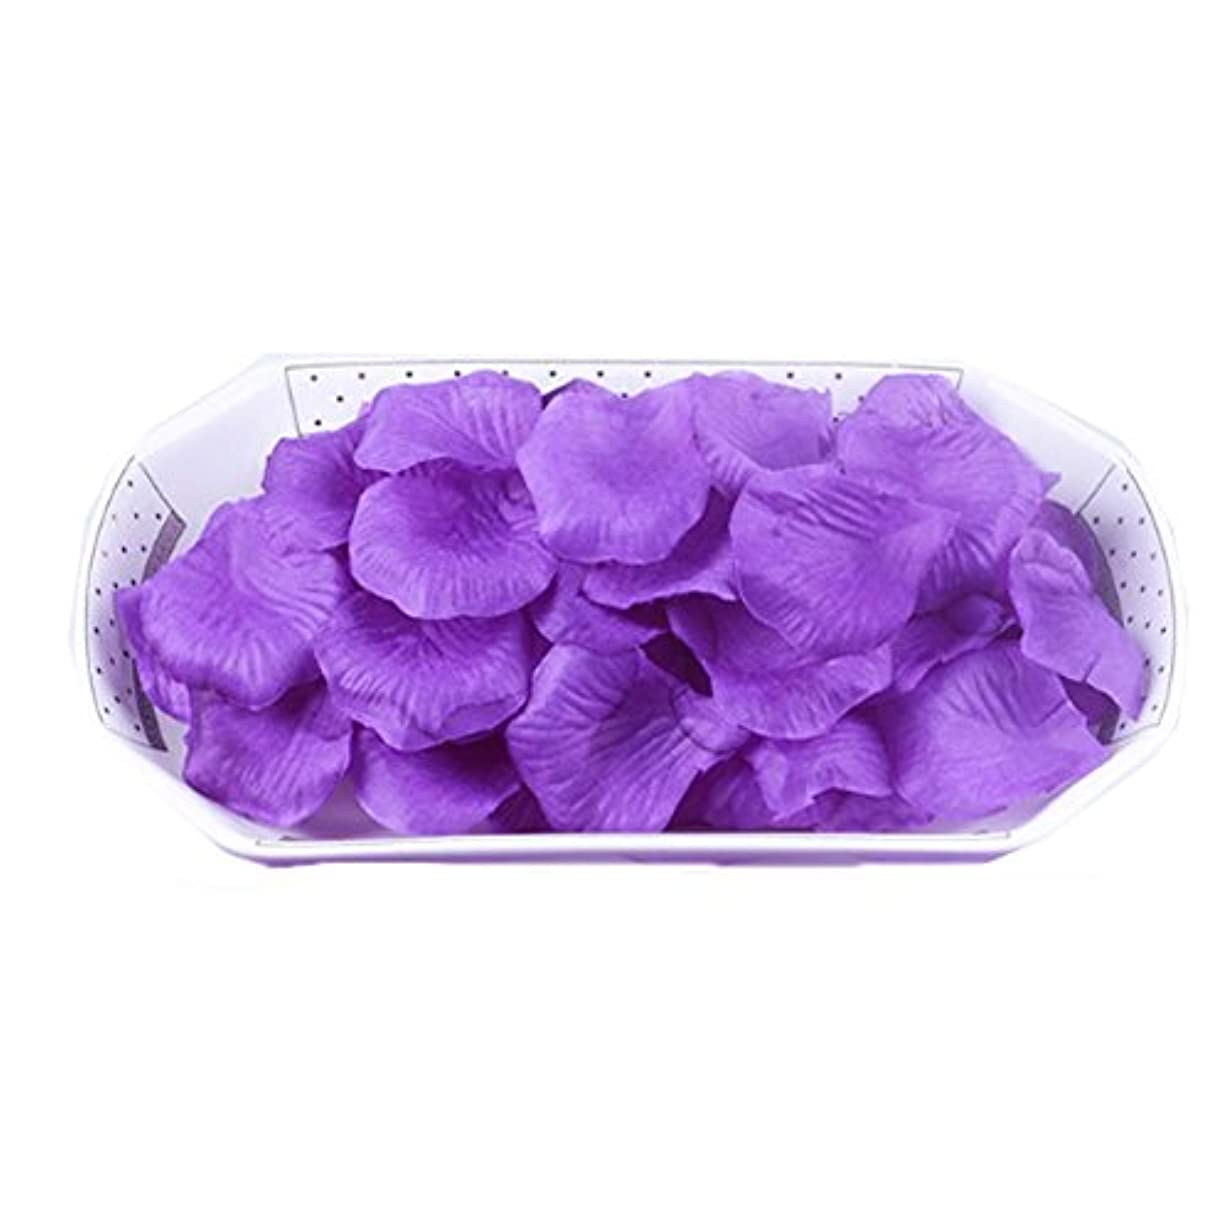 装備する標準ビジュアル結婚式の装飾のための人工花の花びら紫2000 PC